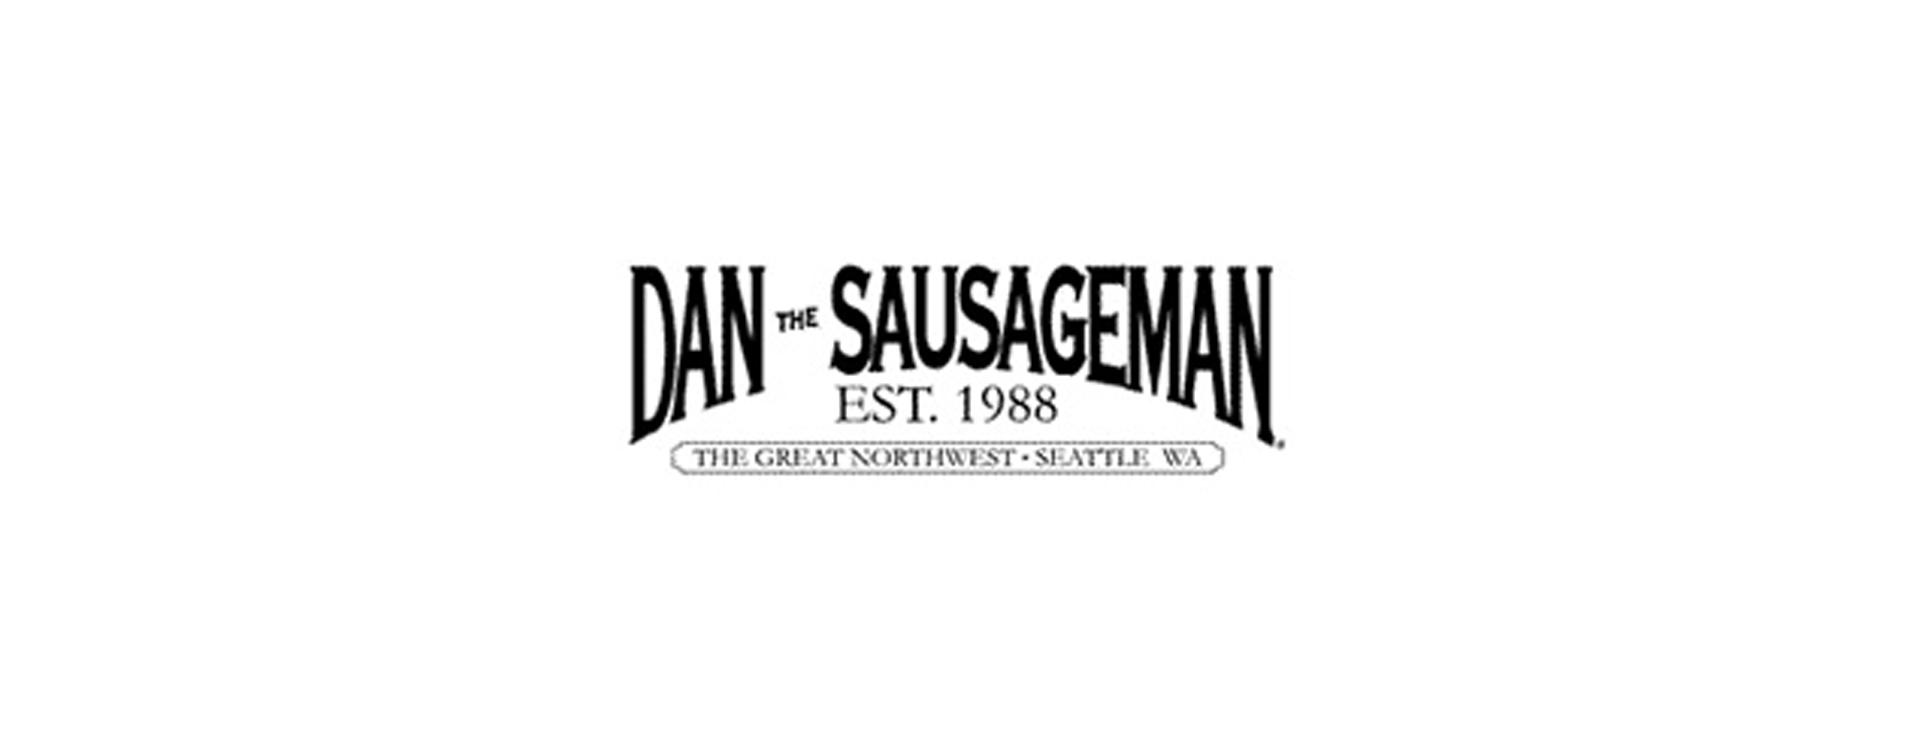 Dan the Sausage Man